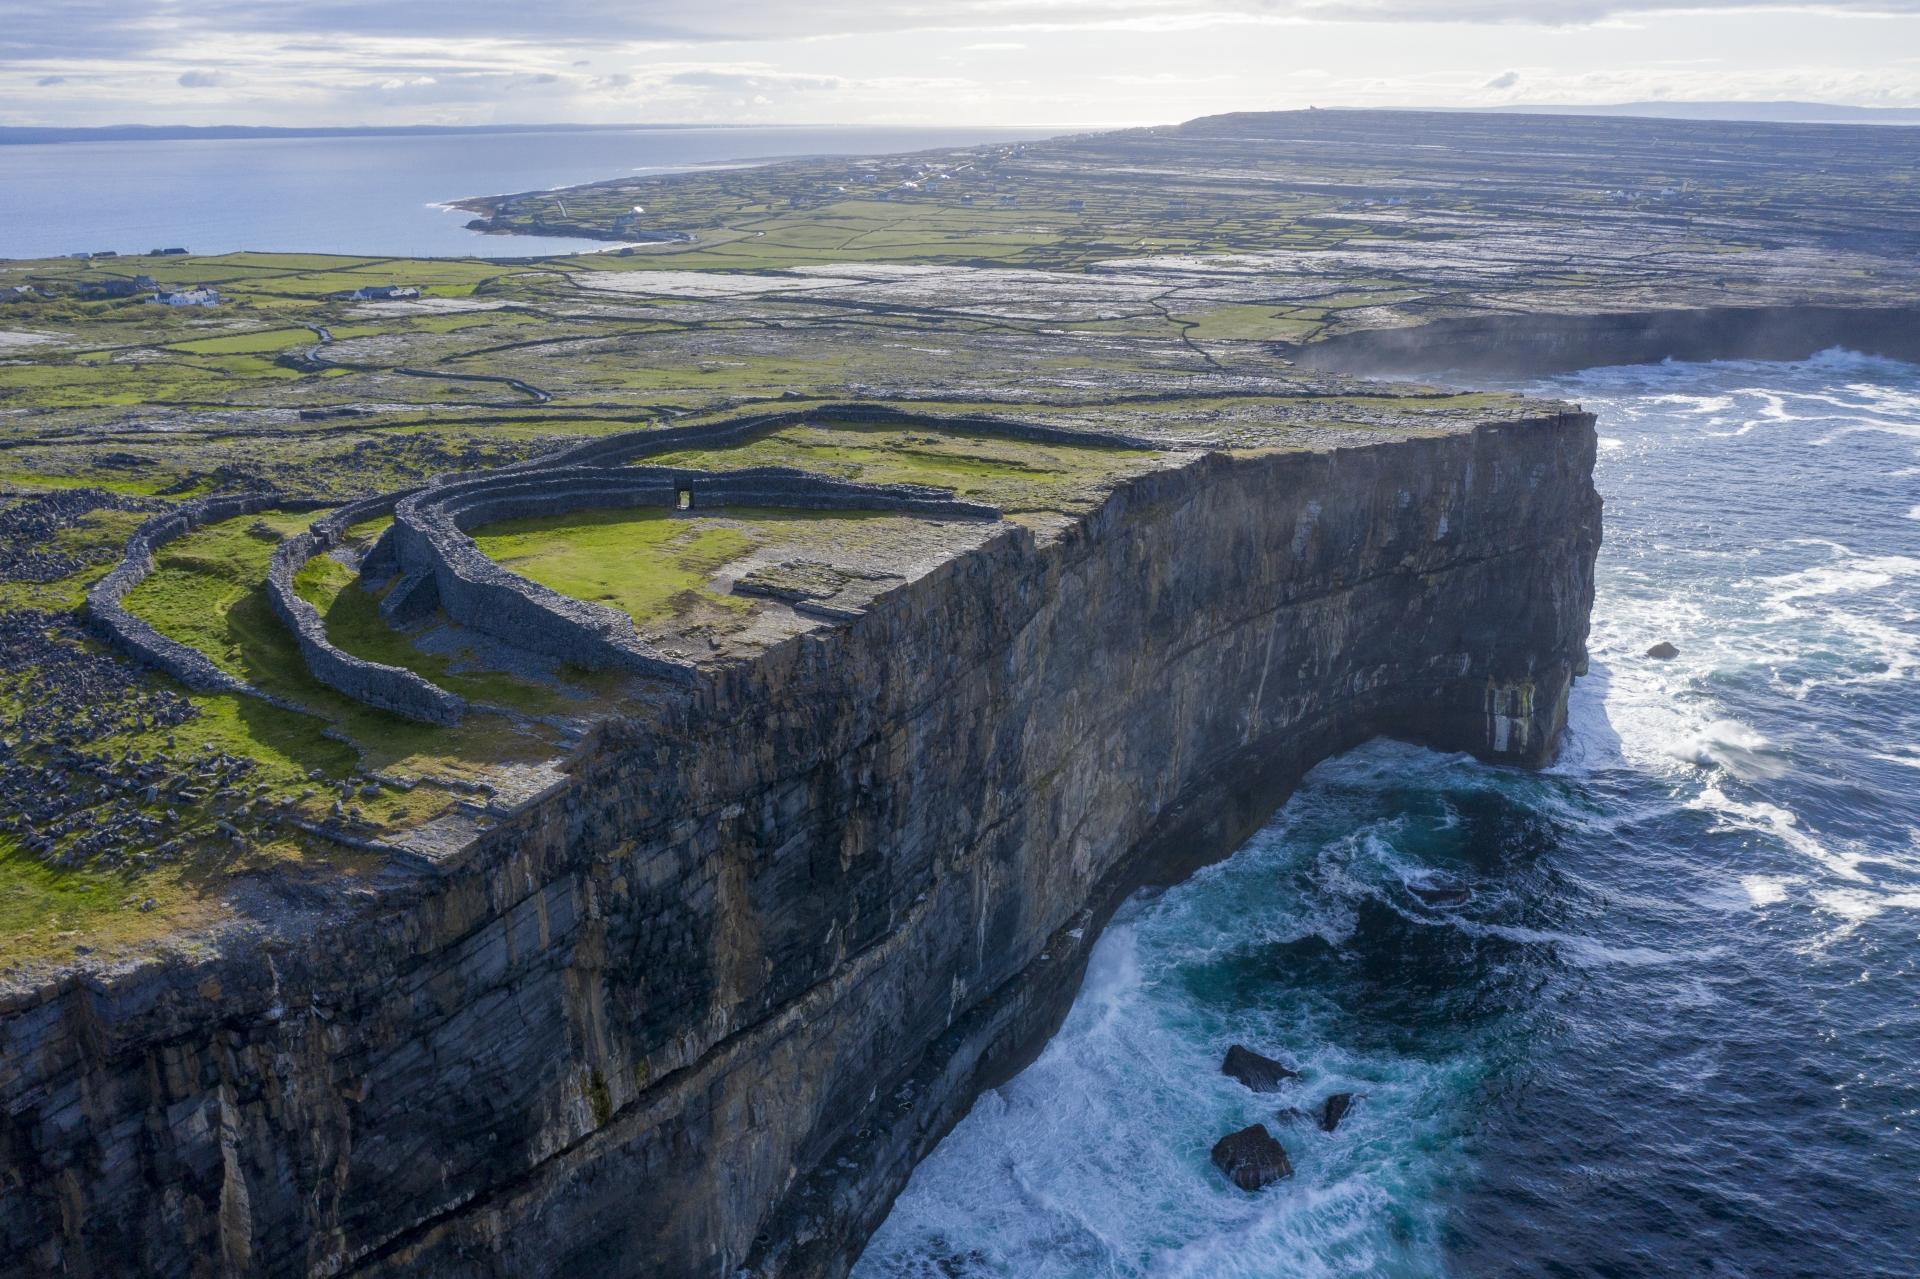 Dún Aonghasa, Inis Mór